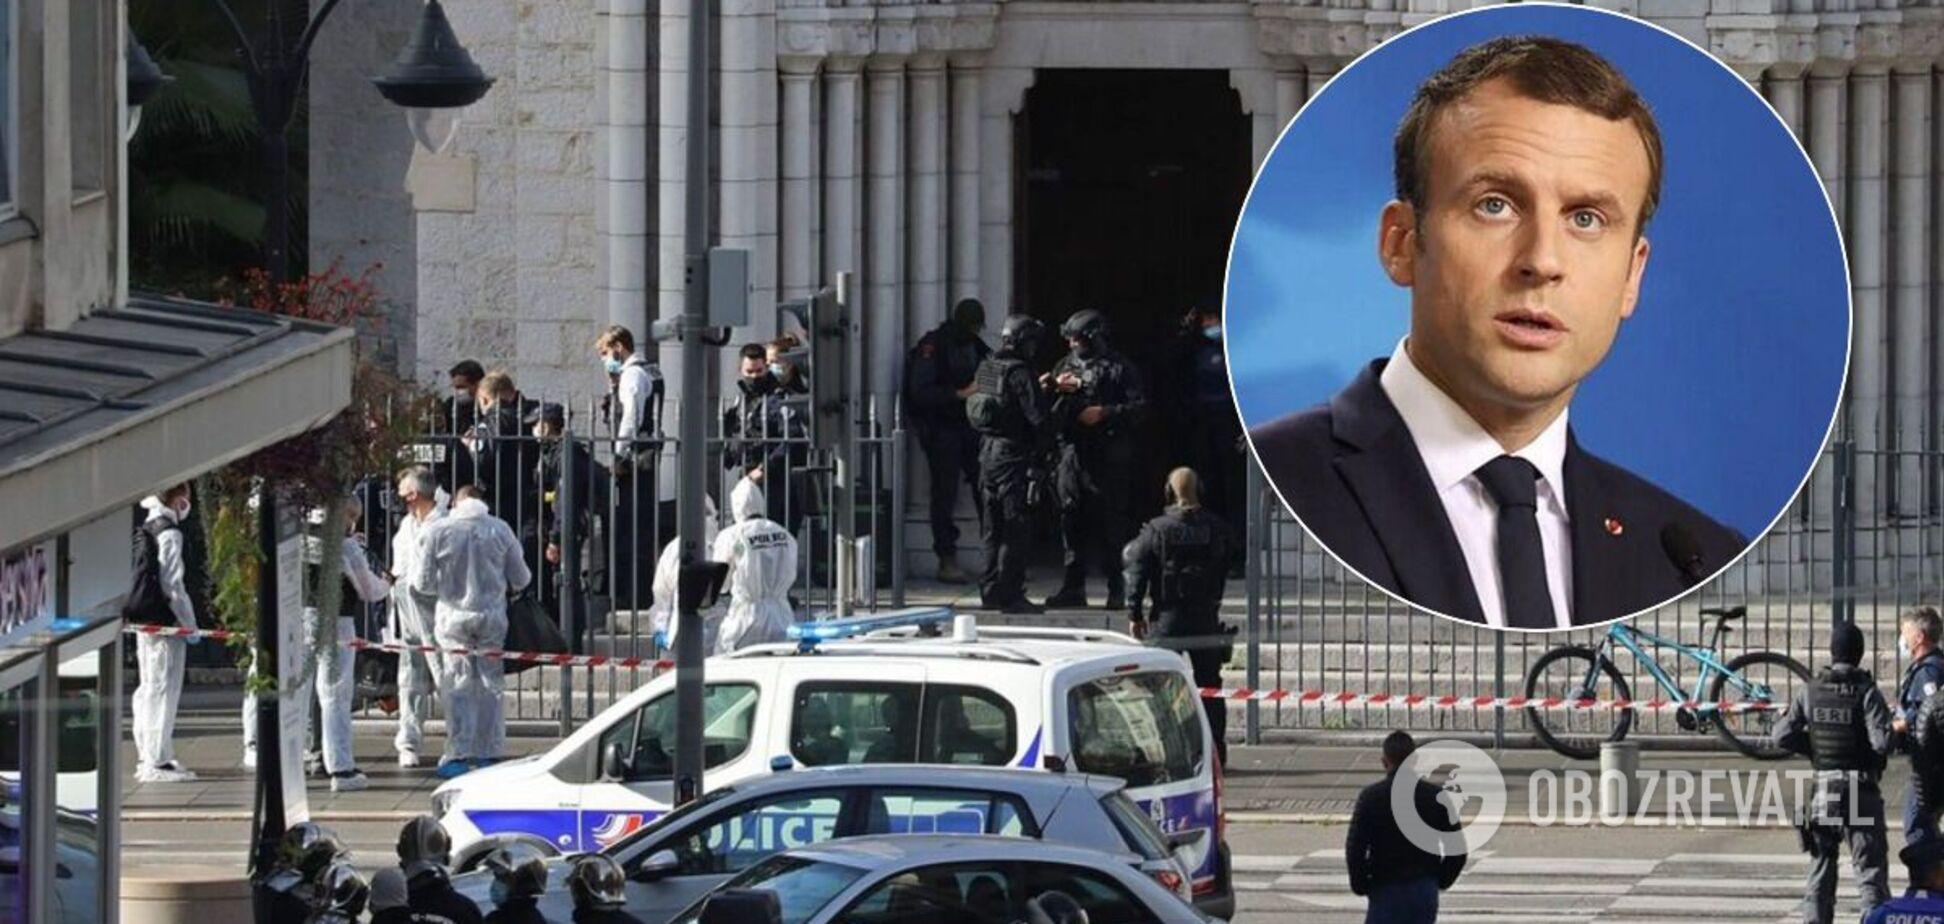 Ответ французских властей на нападения будет 'быстрым и решительным'